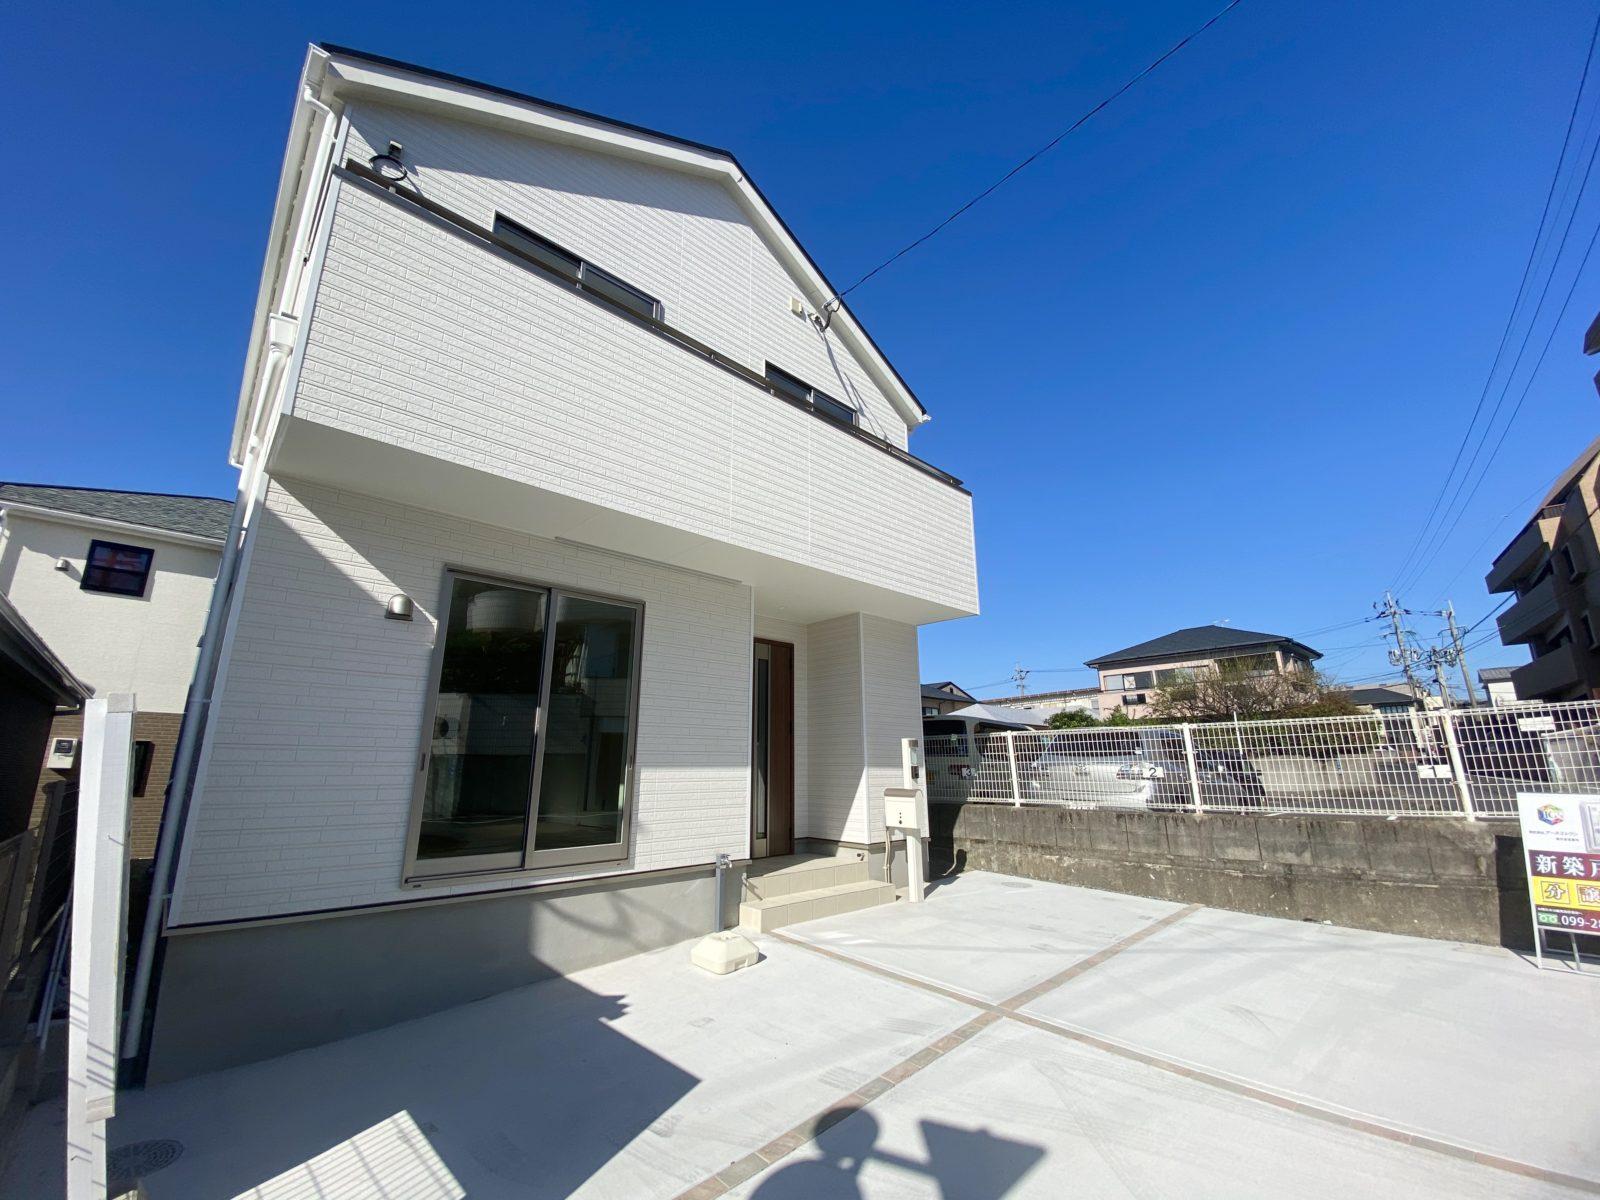 鹿児島市紫原で2棟同時オープンハウス